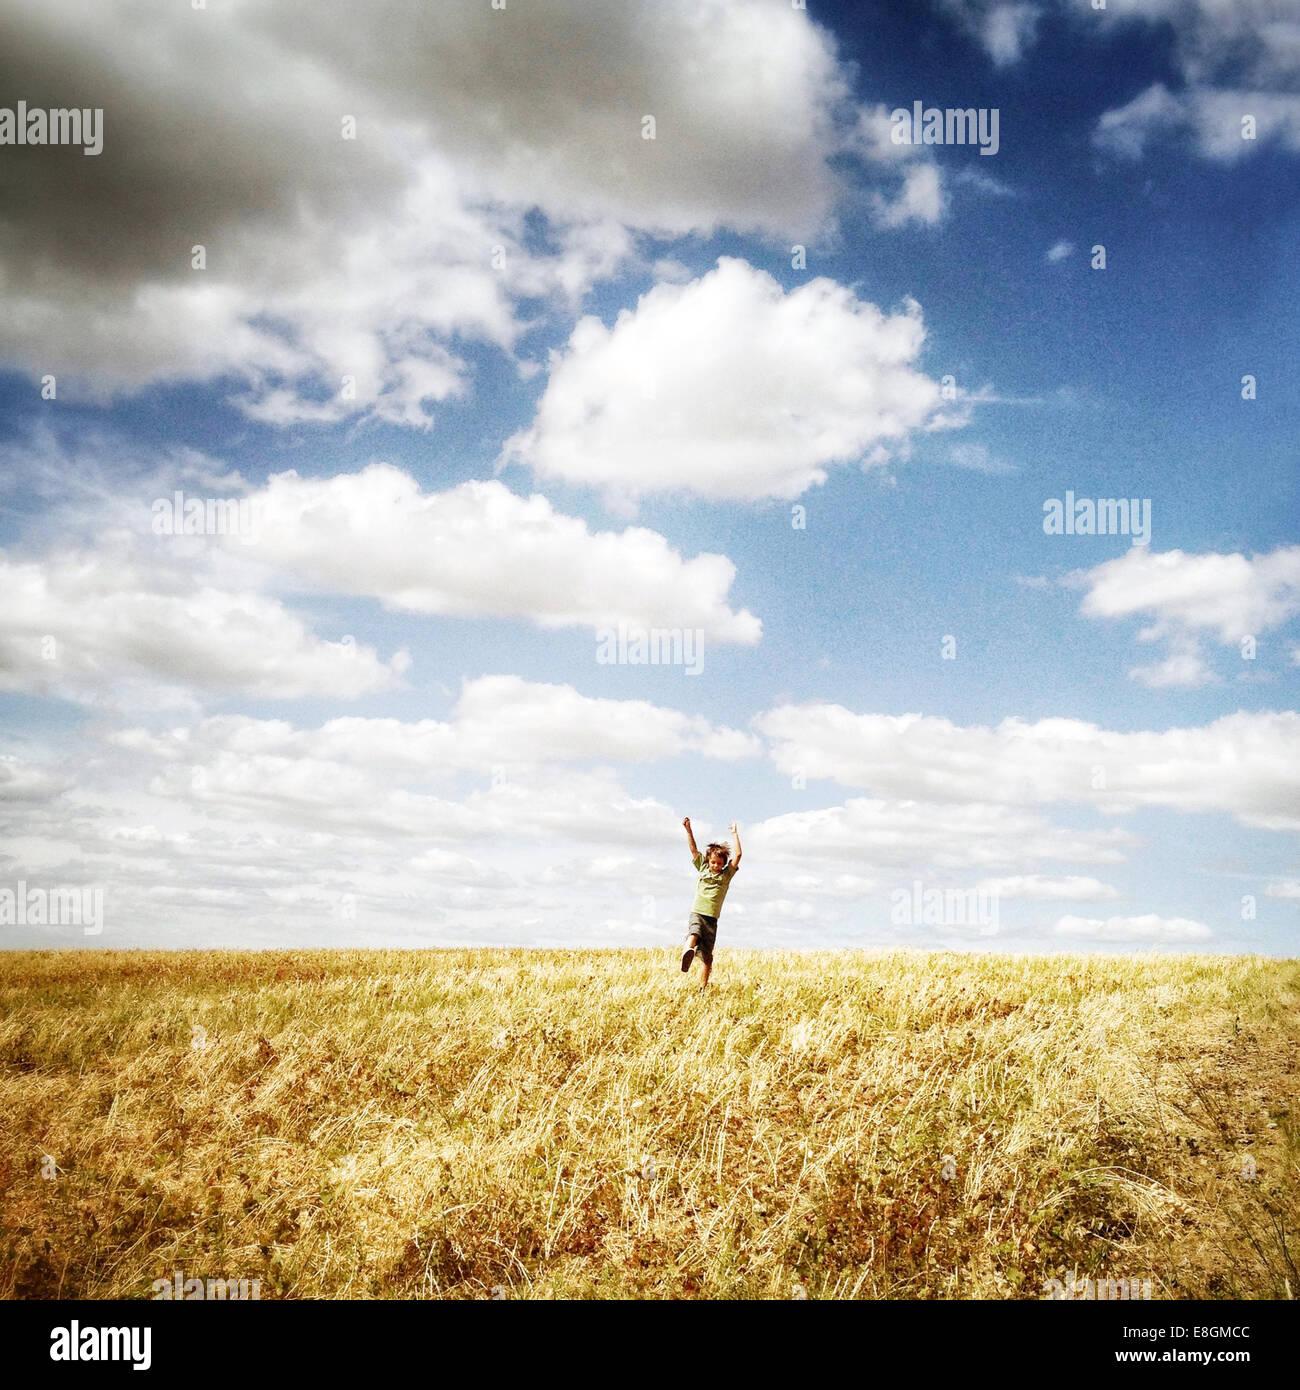 Happy boy in field - Stock Image